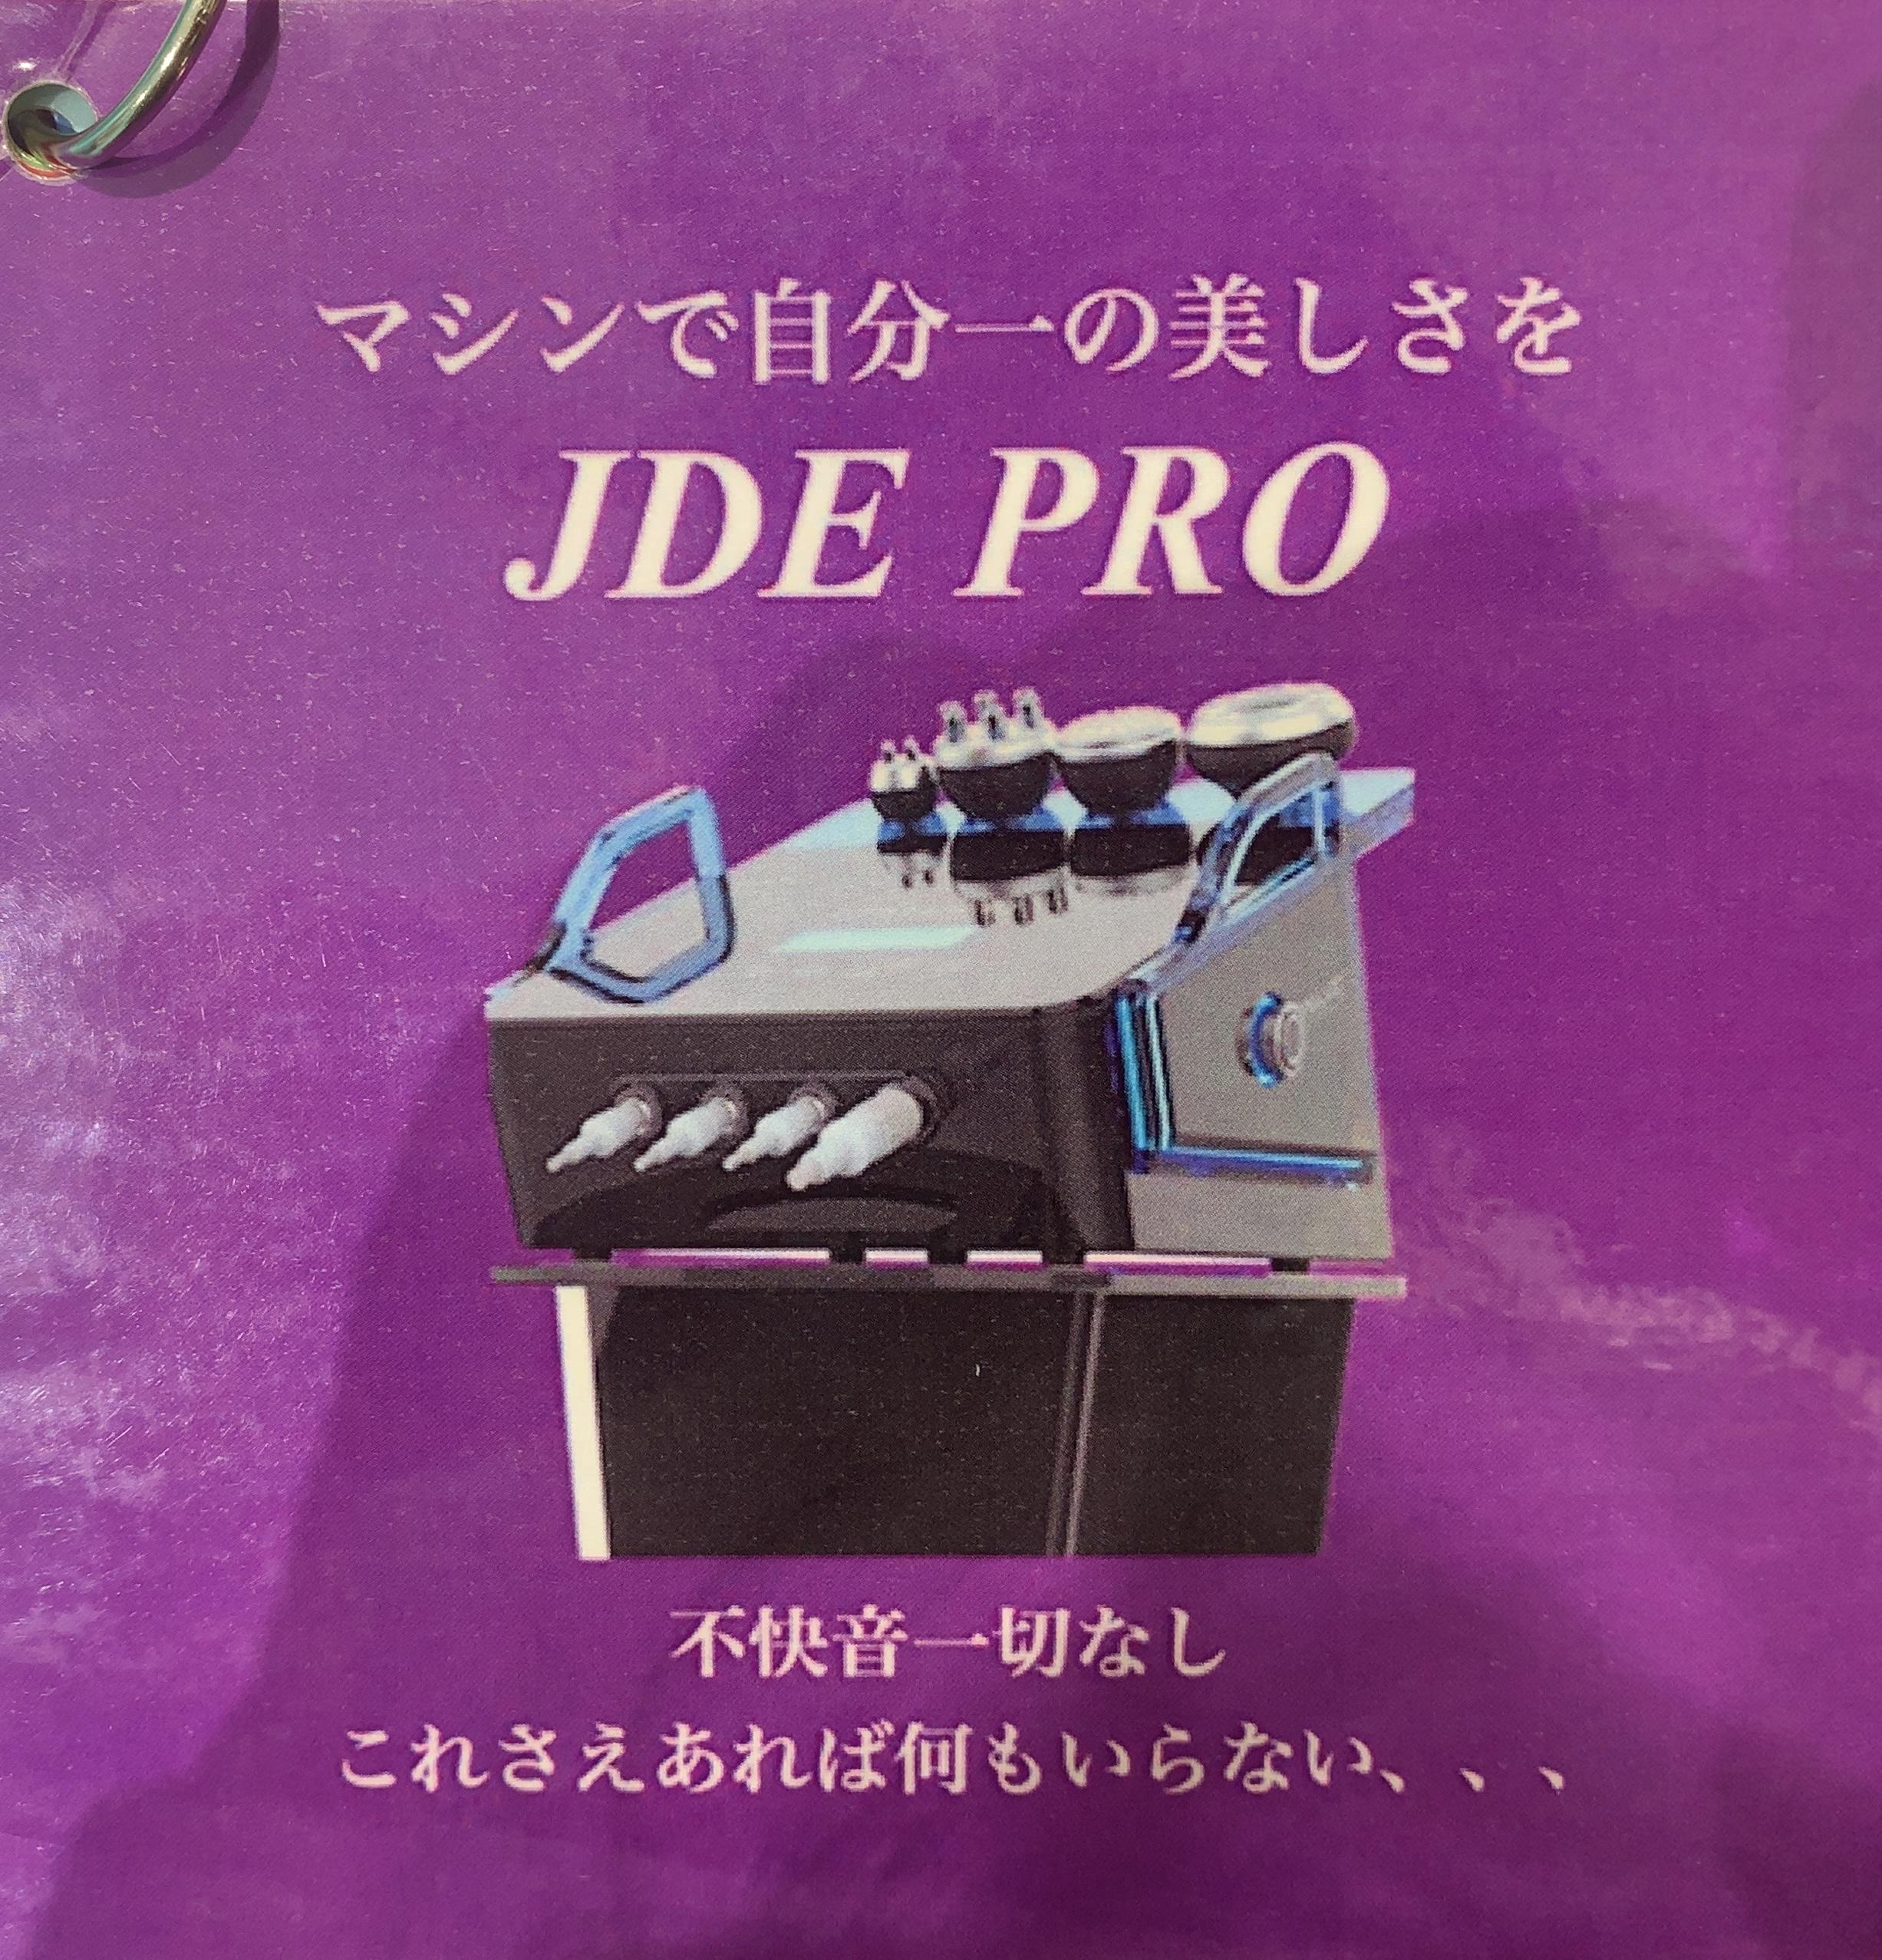 F31D8026-7D34-4F6F-8DE0-E86CBE15B384